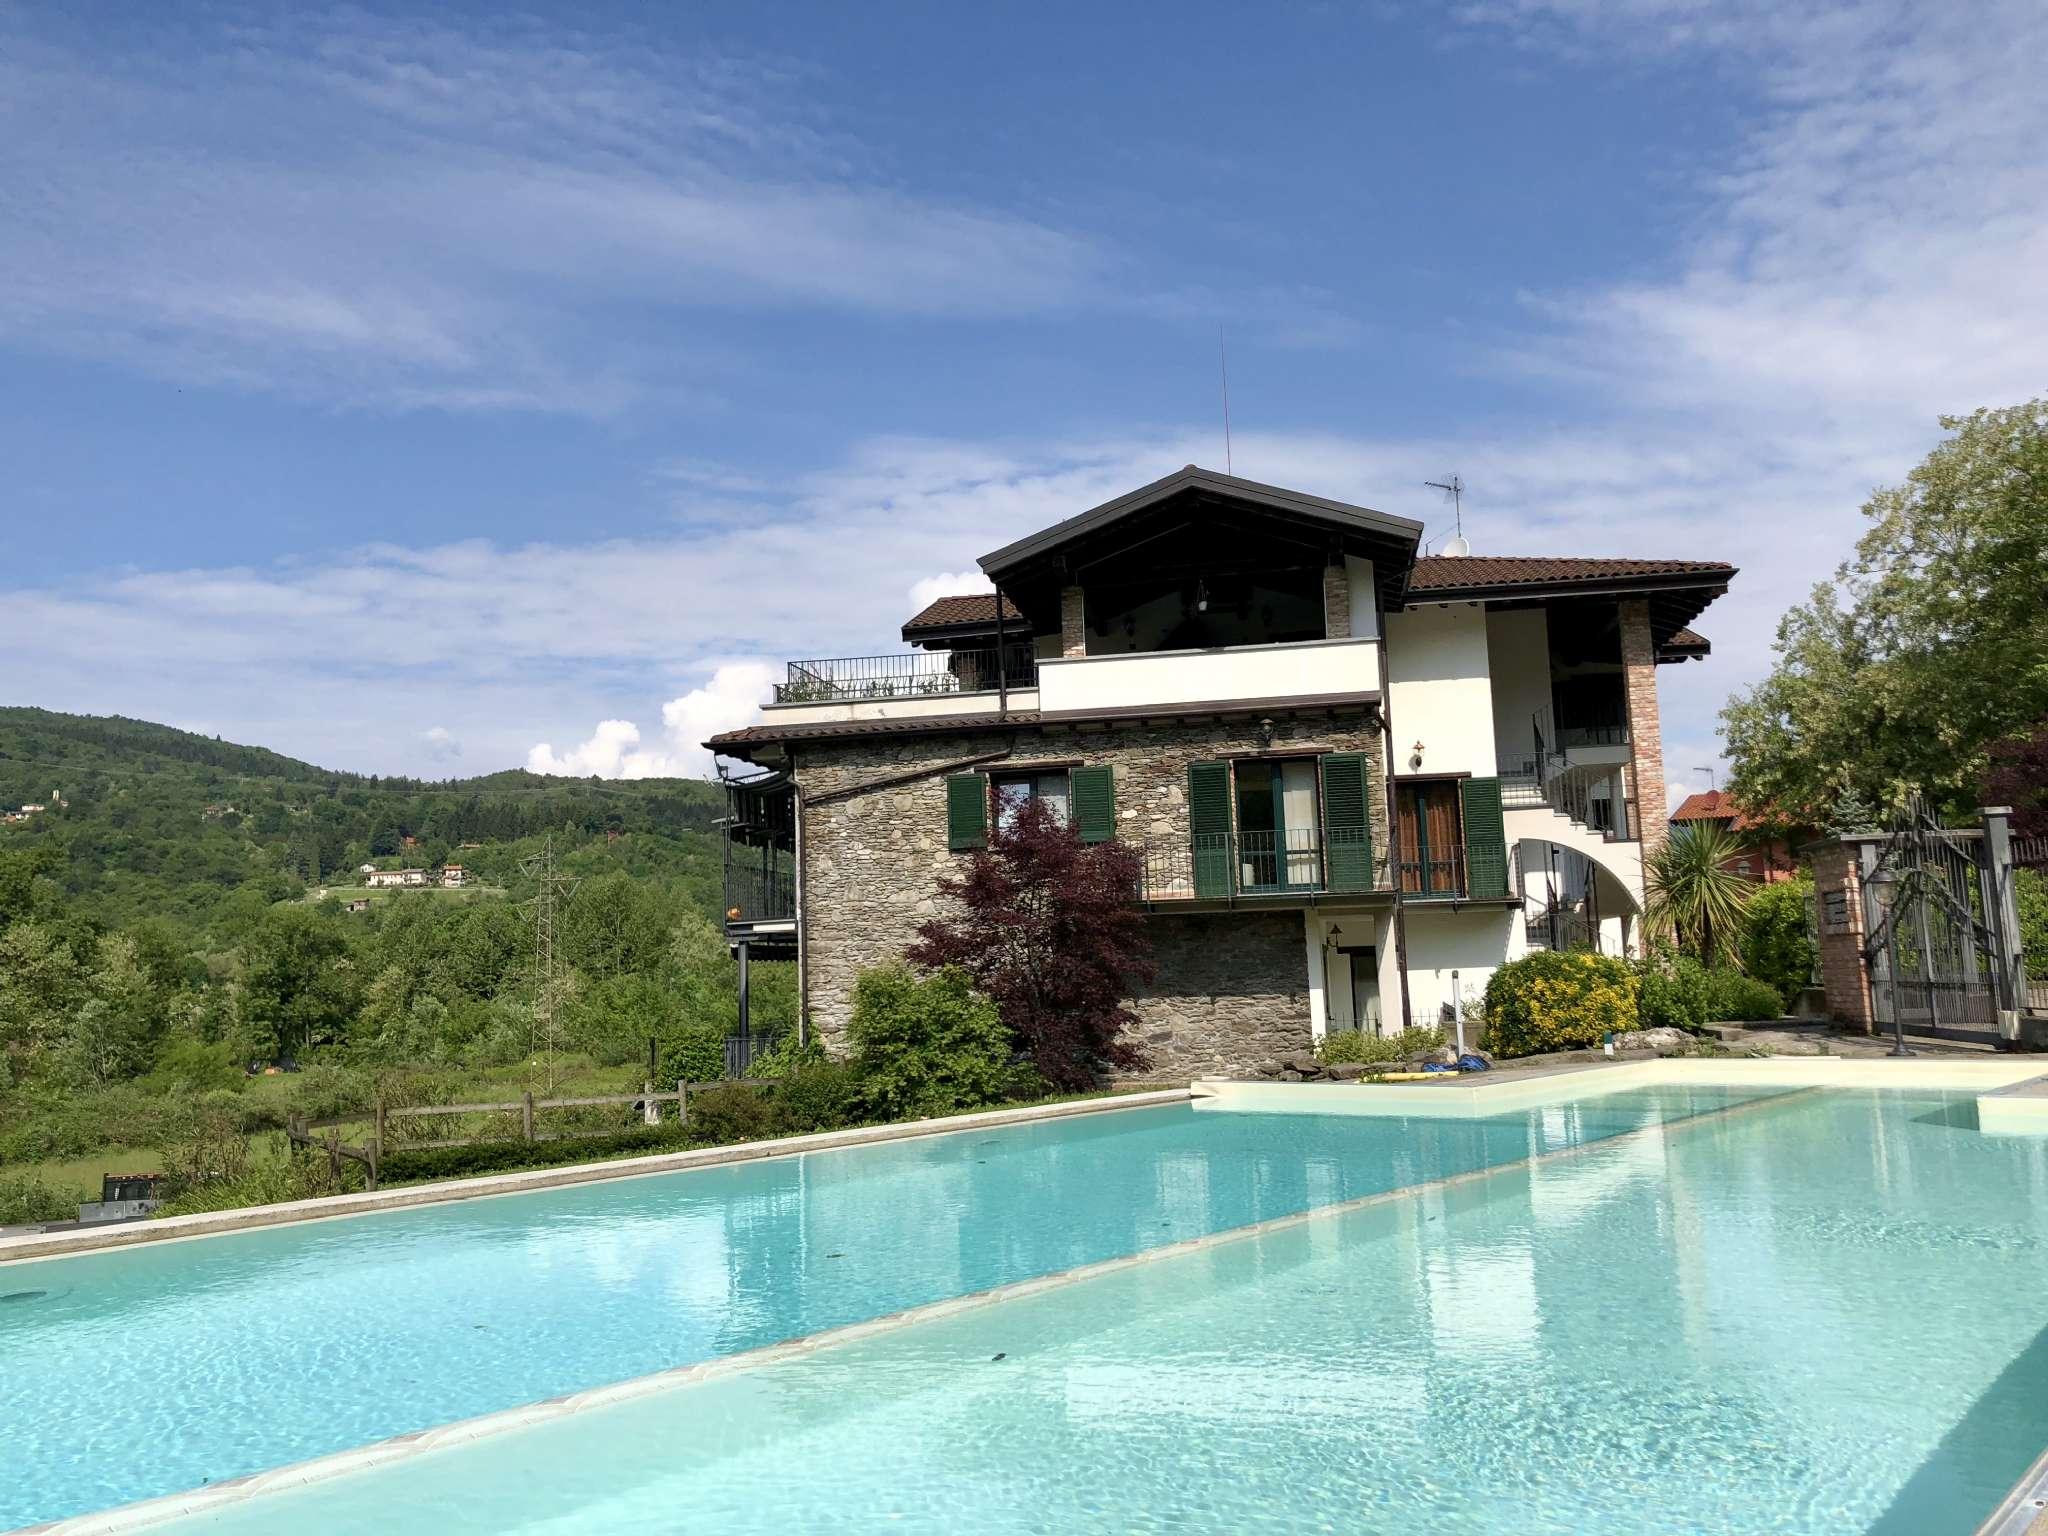 Appartamento in vendita a Mesenzana, 4 locali, prezzo € 209.000 | CambioCasa.it